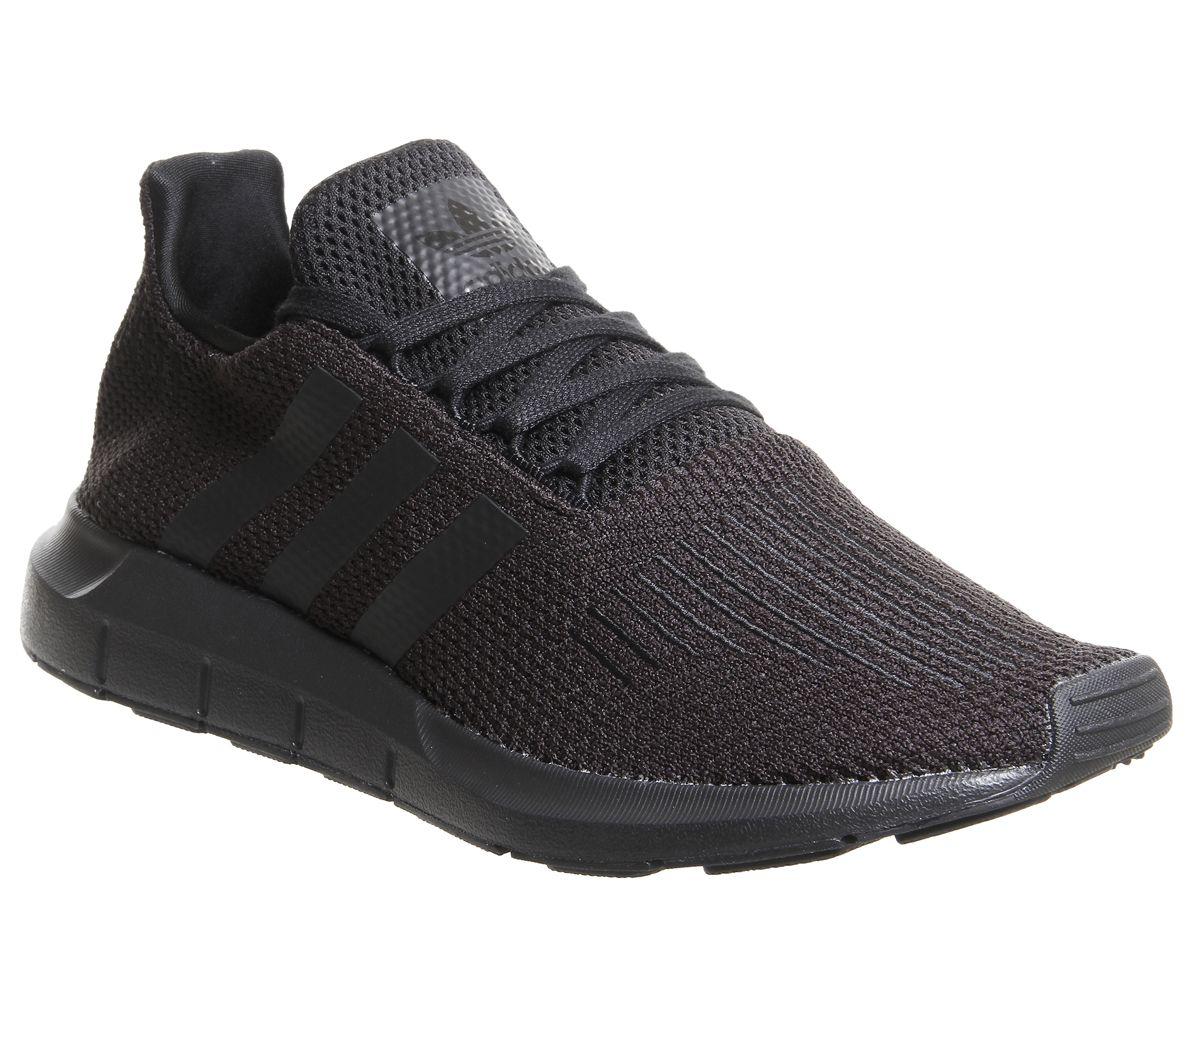 Détails sur Homme Adidas Swift Run Baskets Noir Baskets Chaussures afficher le titre d'origine